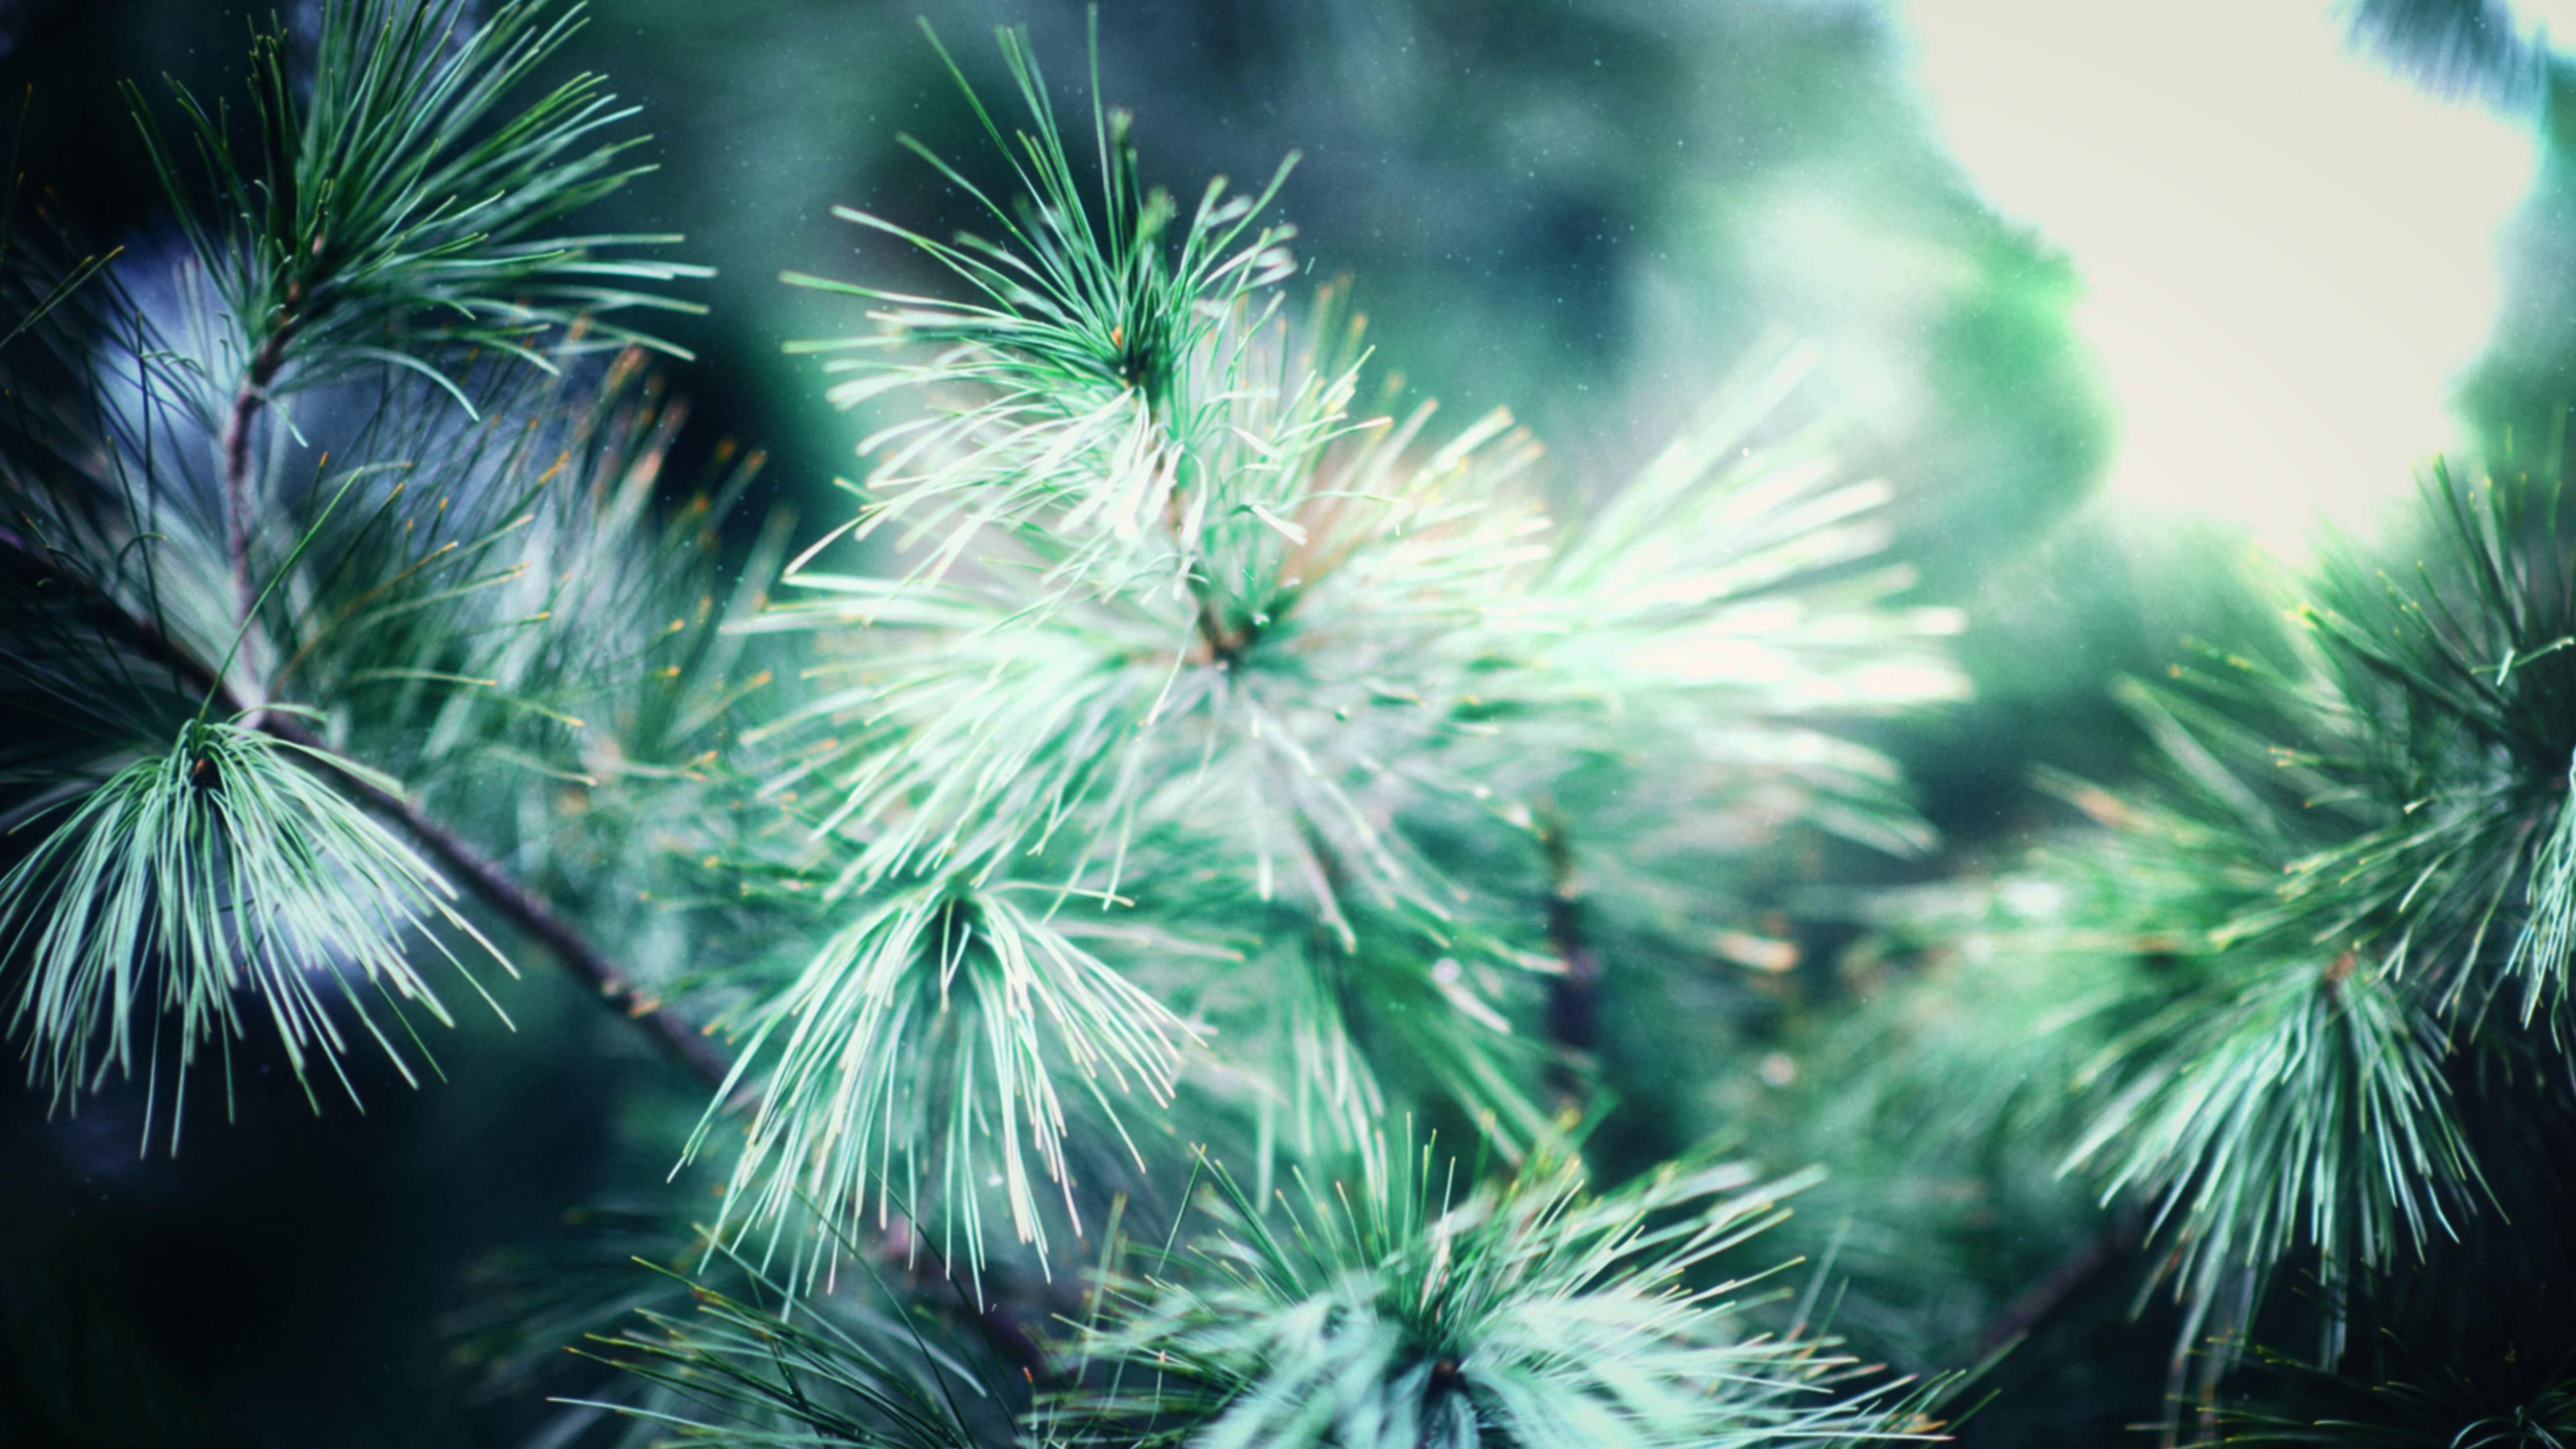 大自然松针枝头特写镜头高清实拍